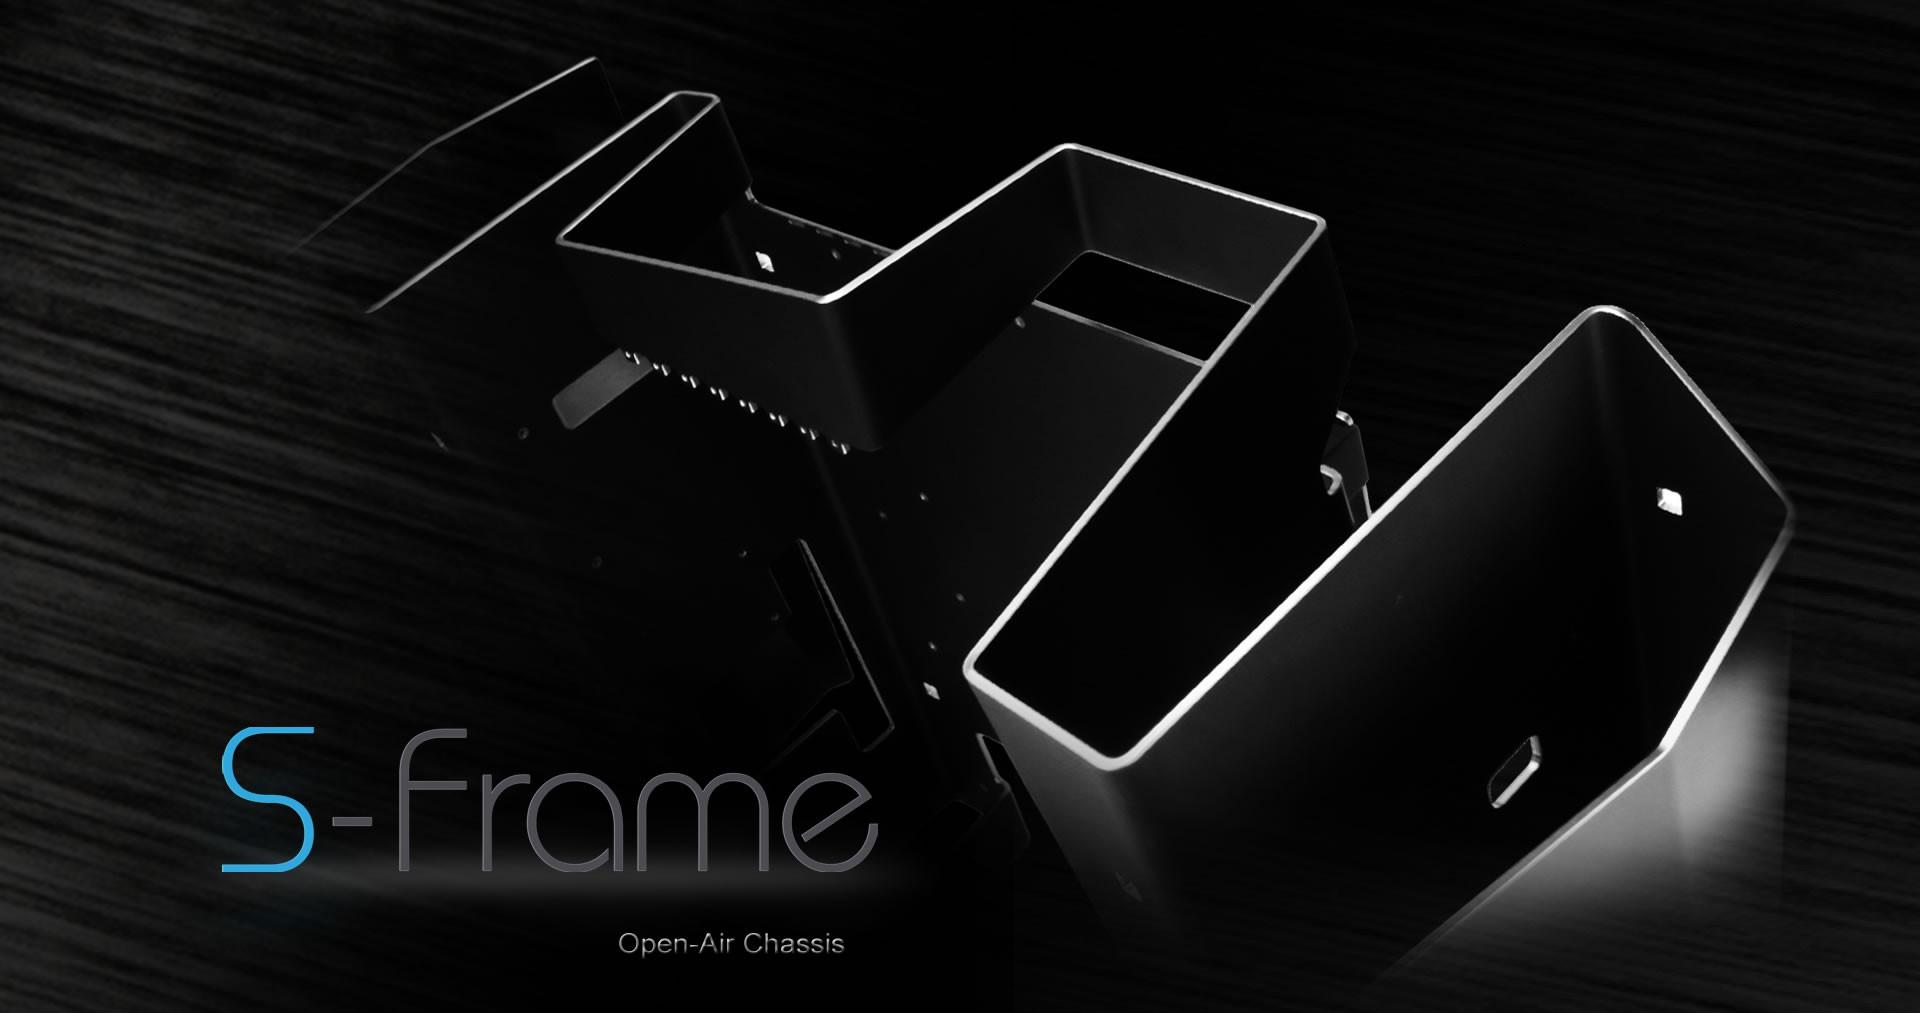 S-Frame